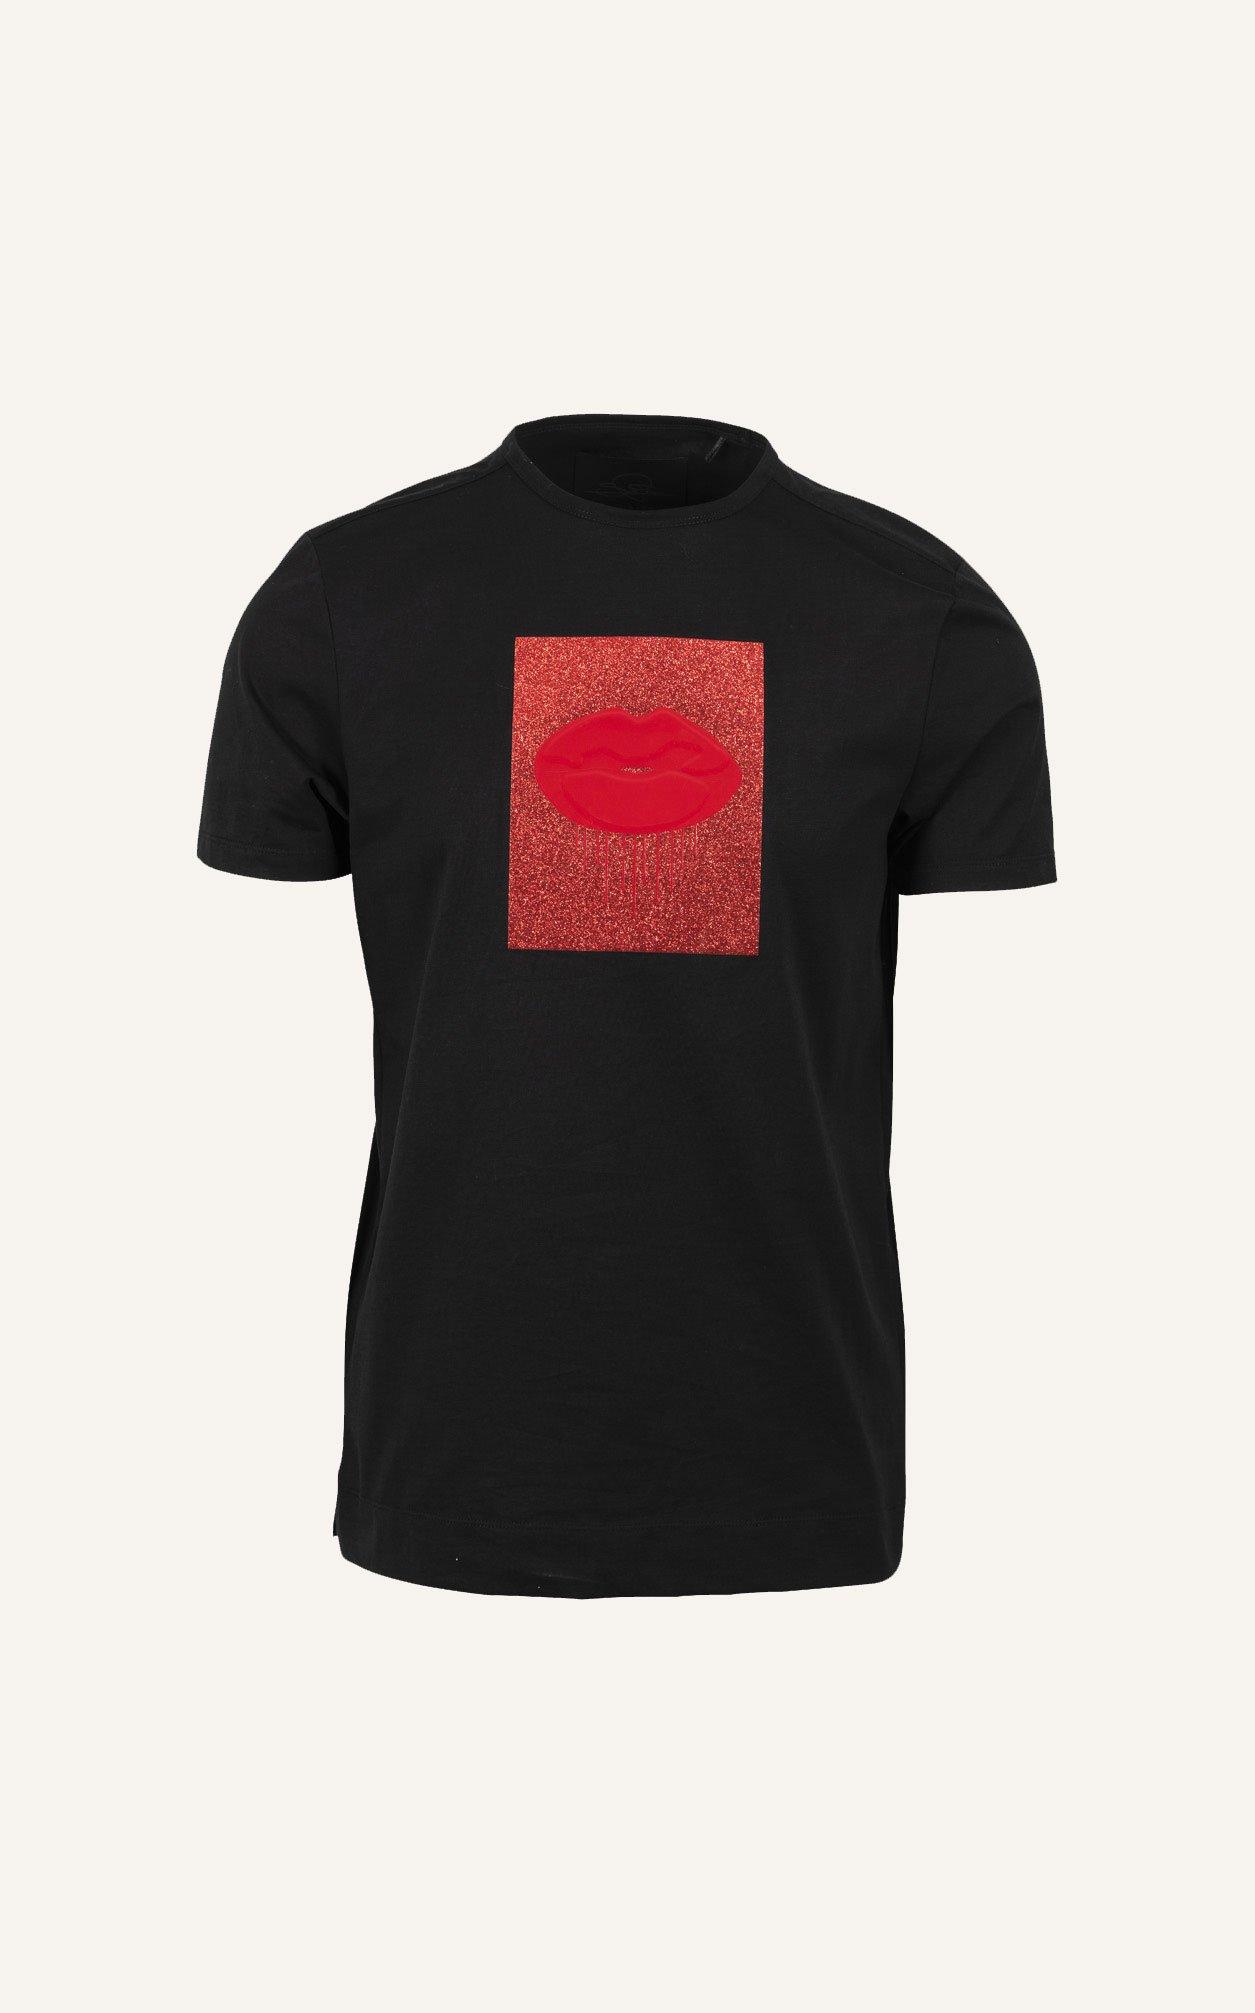 https://cdn.accentuate.io/384350879787/11112856092715/Bored-Eaux-Black-T-Shirt-v1588291741956.jpg?1255x2013